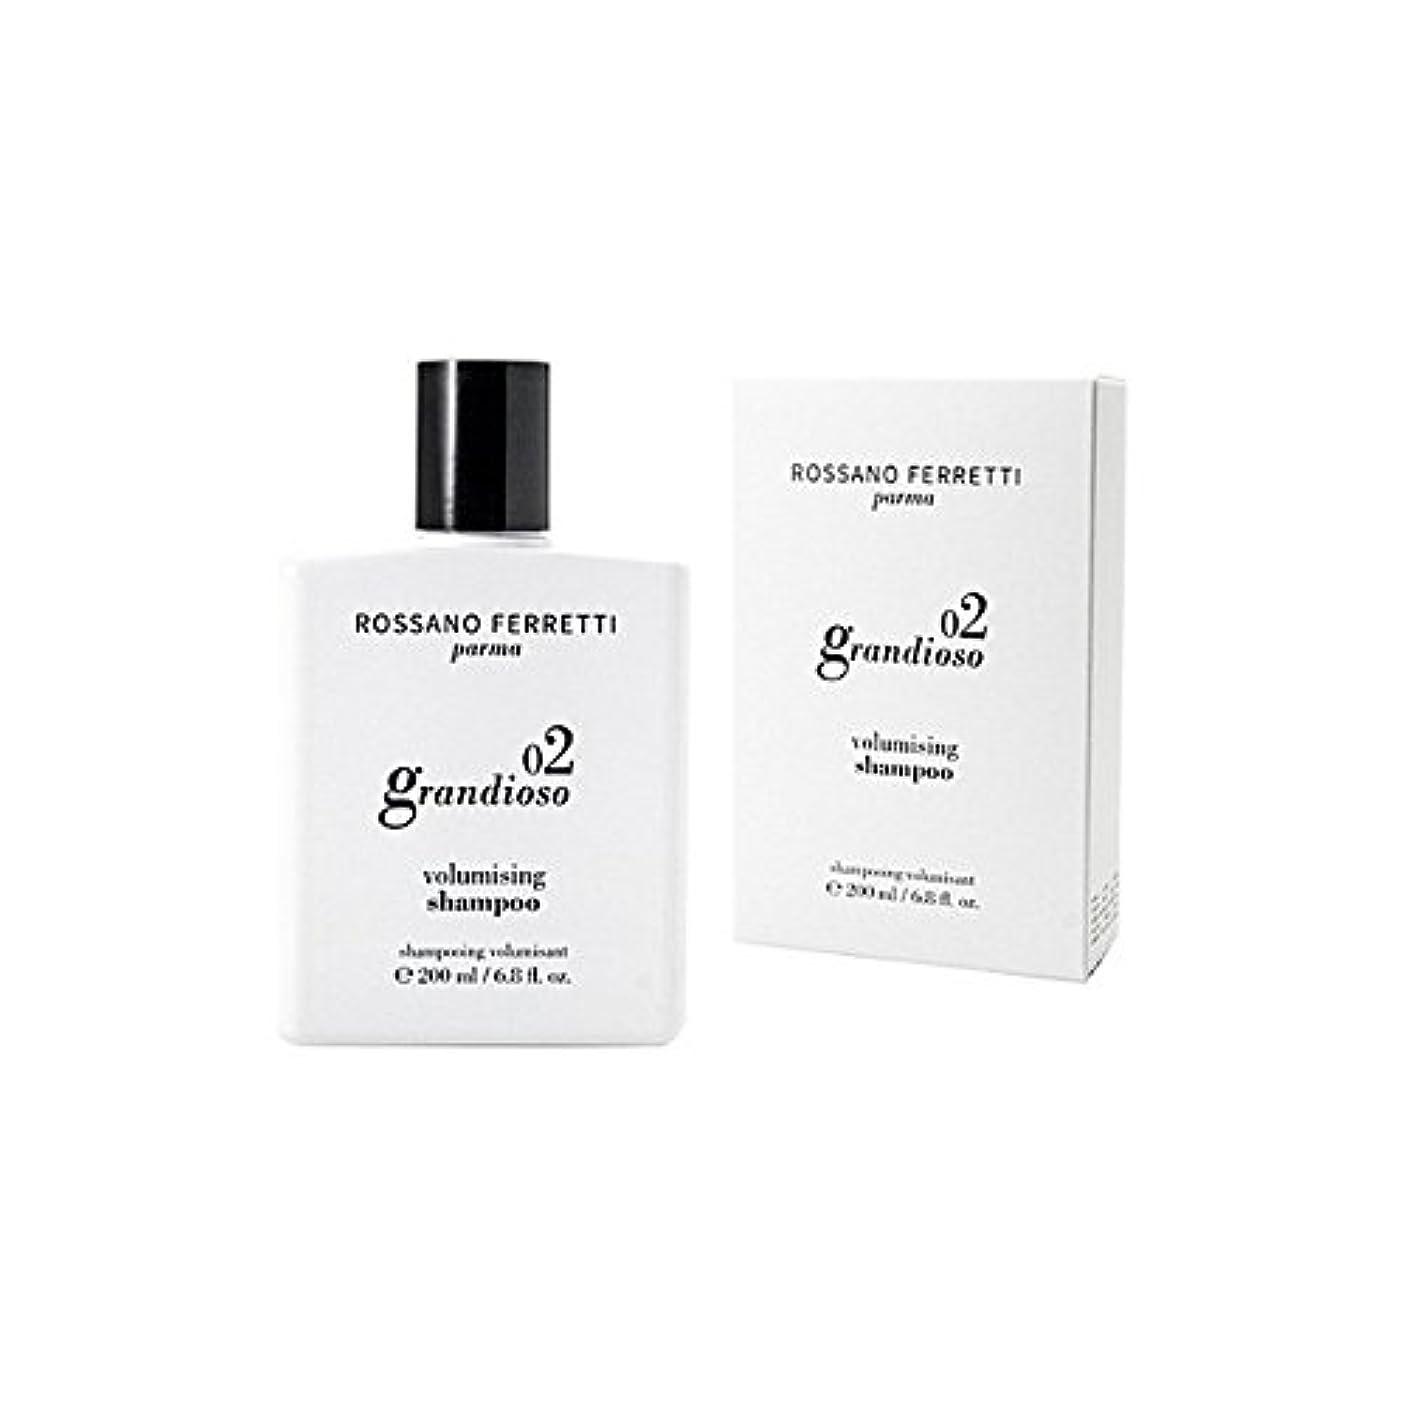 連帯スイングセッティングロッサノフェレッティパルマ シャンプー200ミリリットル x4 - Rossano Ferretti Parma Grandioso Volumising Shampoo 200ml (Pack of 4) [並行輸入品]